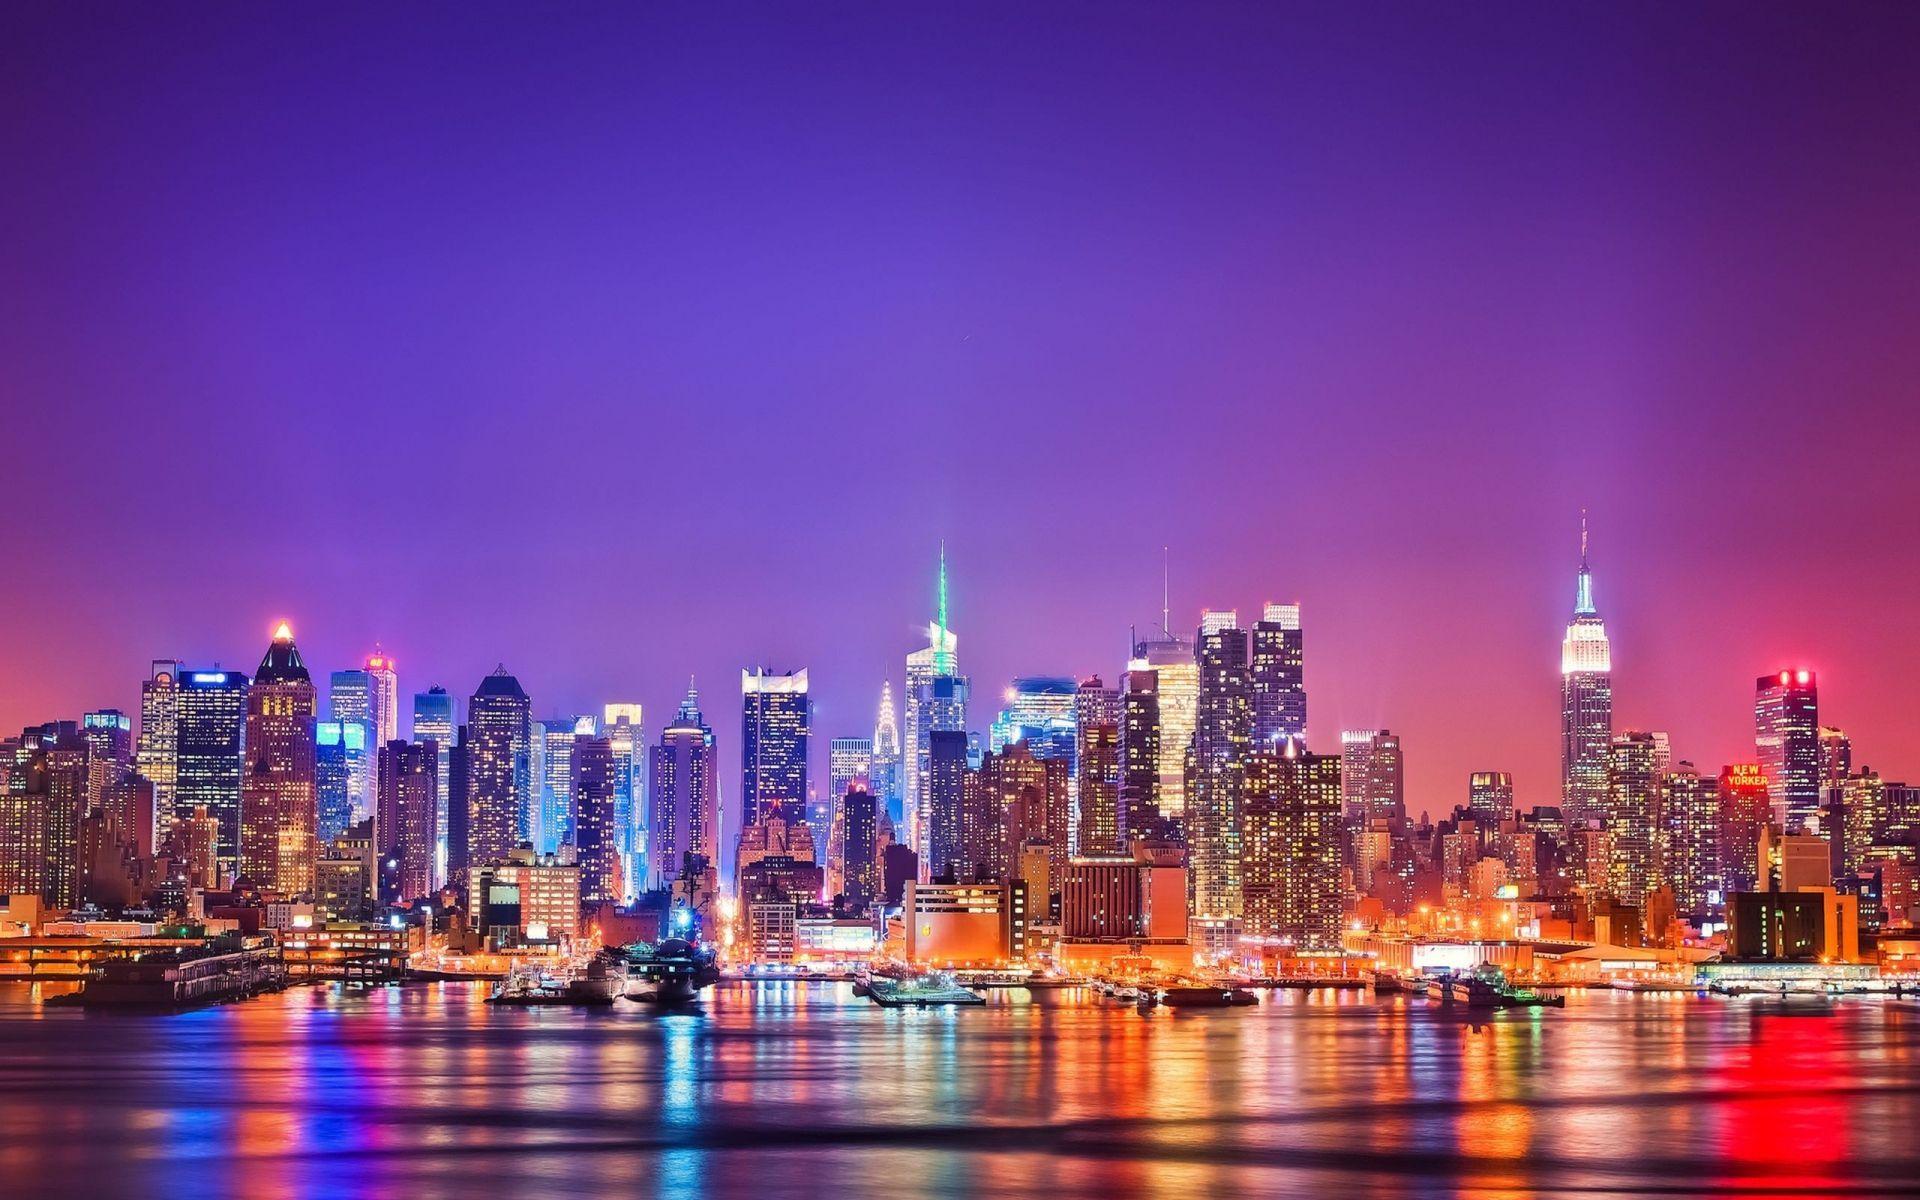 ¿Qué tipo de ciudades prefieres?